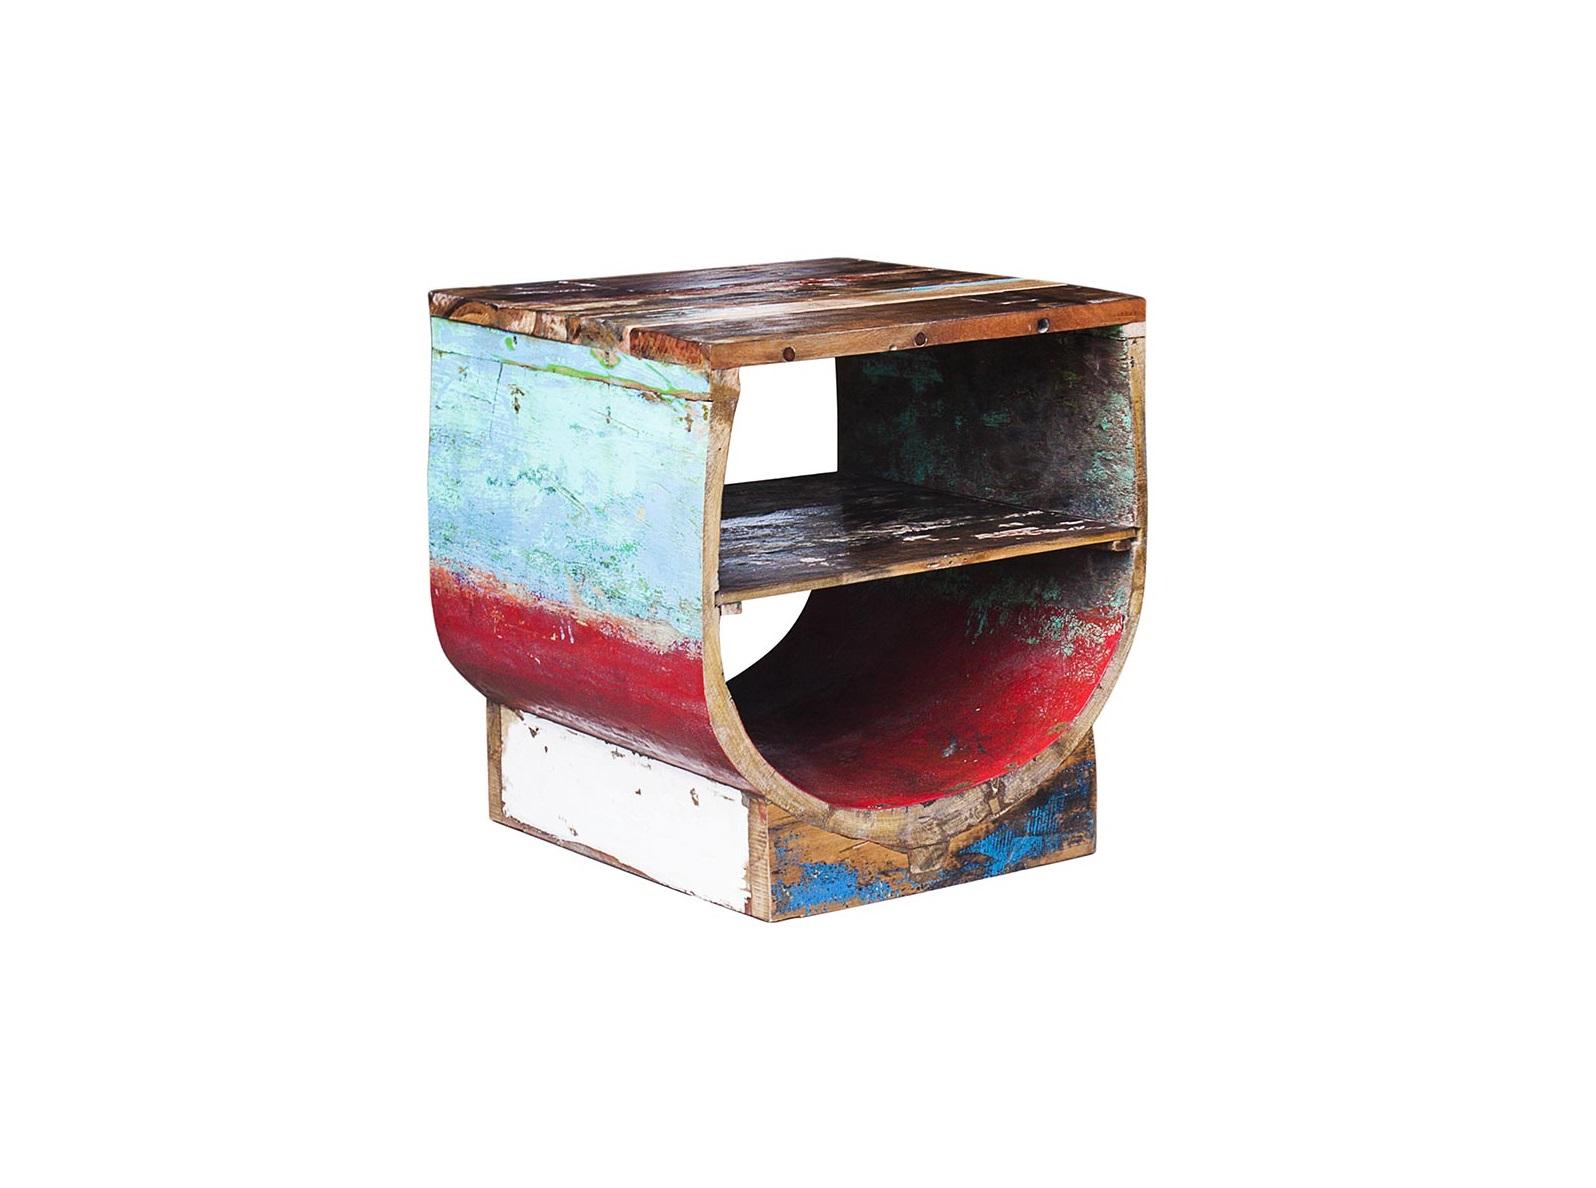 Тумба ЮгПрикроватные тумбы, комоды, столики<br>Тумба, выполненная из старой рыбацкой лодки с сохранением оригинальной многослойной окраски.<br><br>Имеет 2 открытых полки.<br>Подходит для использования как внутри помещения, так и снаружи.<br>Сборка не требуется.<br>Страна производитель - Индонезия.<br><br>Material: Тик<br>Width см: 50<br>Depth см: 51<br>Height см: 52